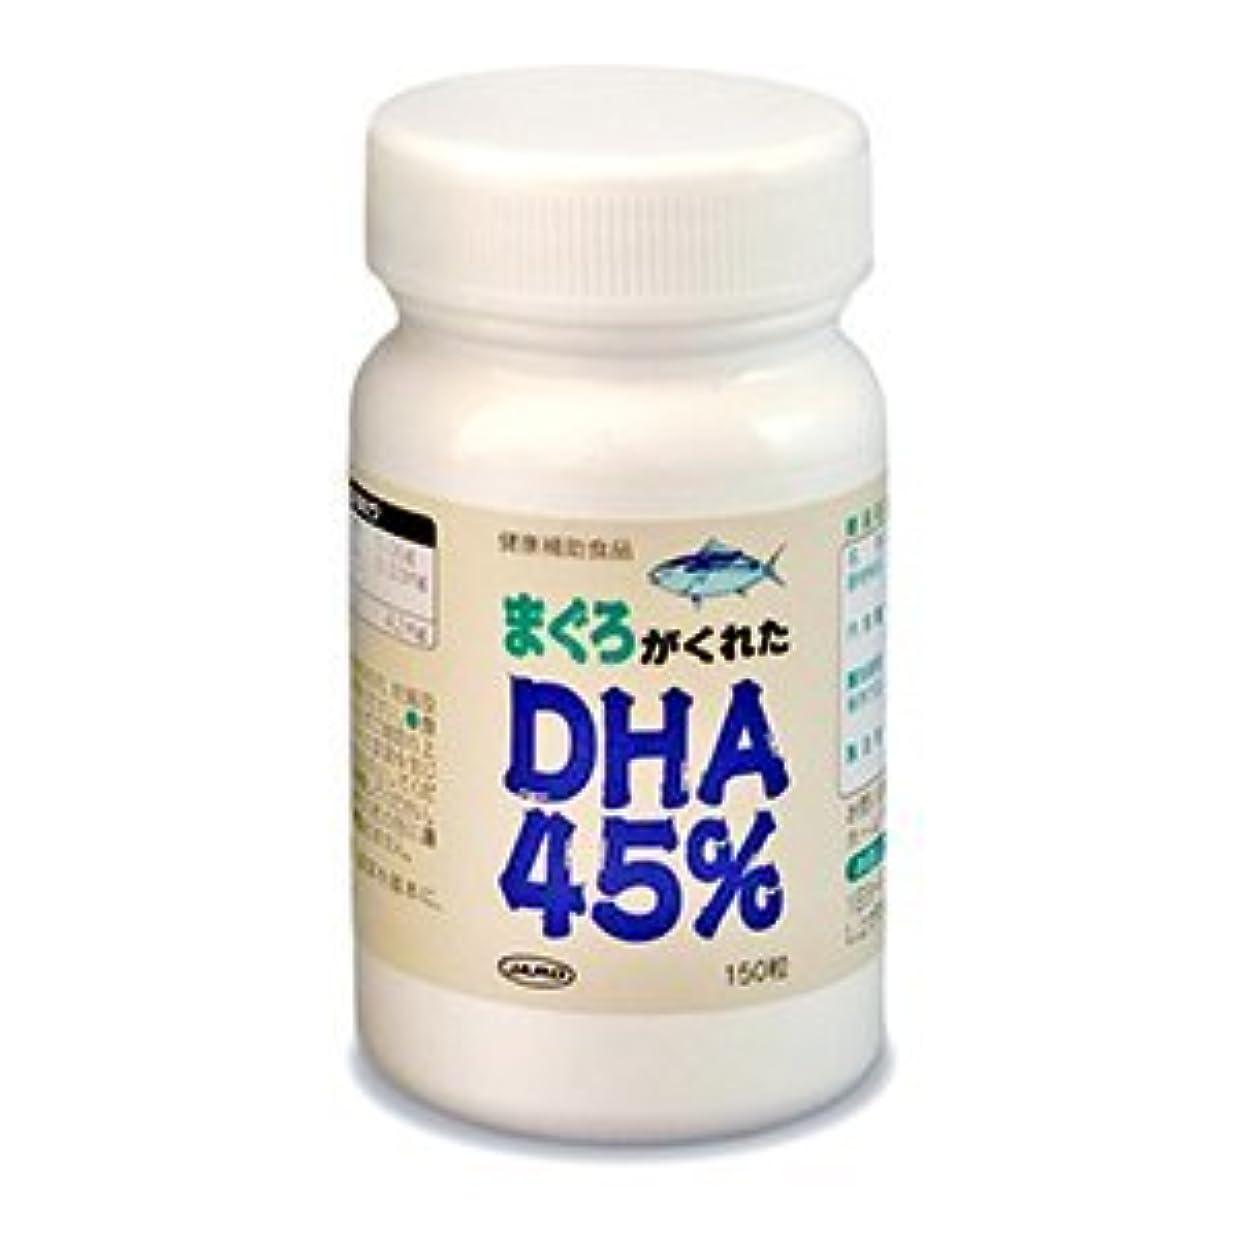 弾性折避けられないまぐろがくれたDHA45% 150粒(約1ヶ月分)